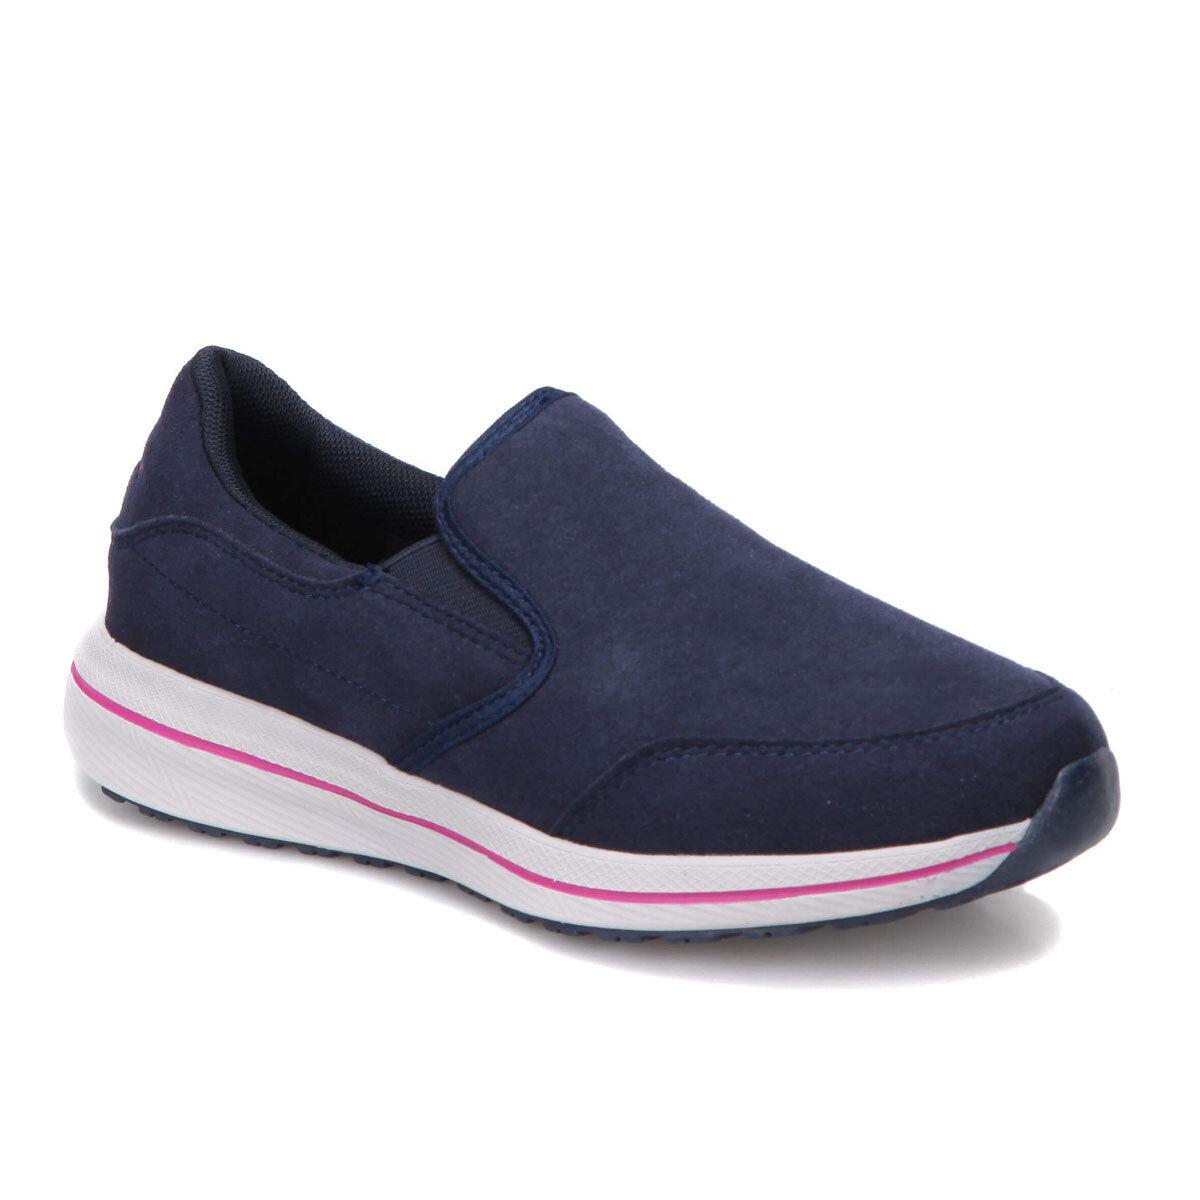 Lacivert Kadın Yürüyüş Ayakkabısı WOLKA W